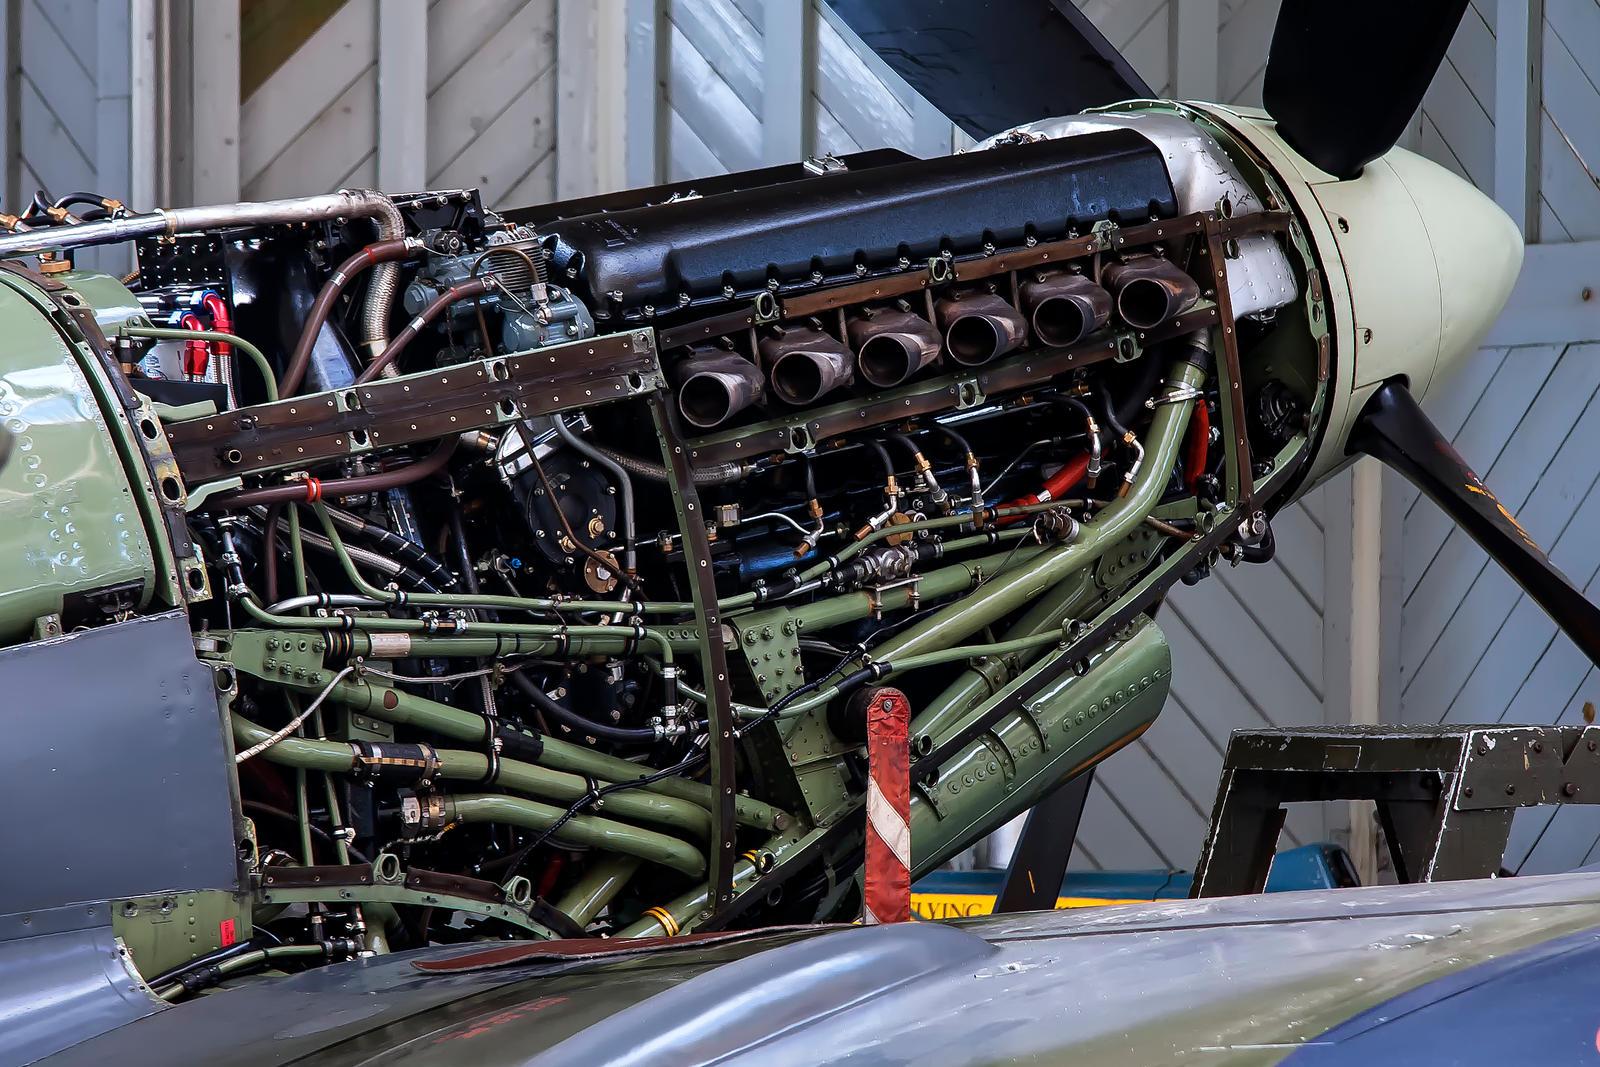 Rolls Royce Merlin 66 by Daniel-Wales-Images